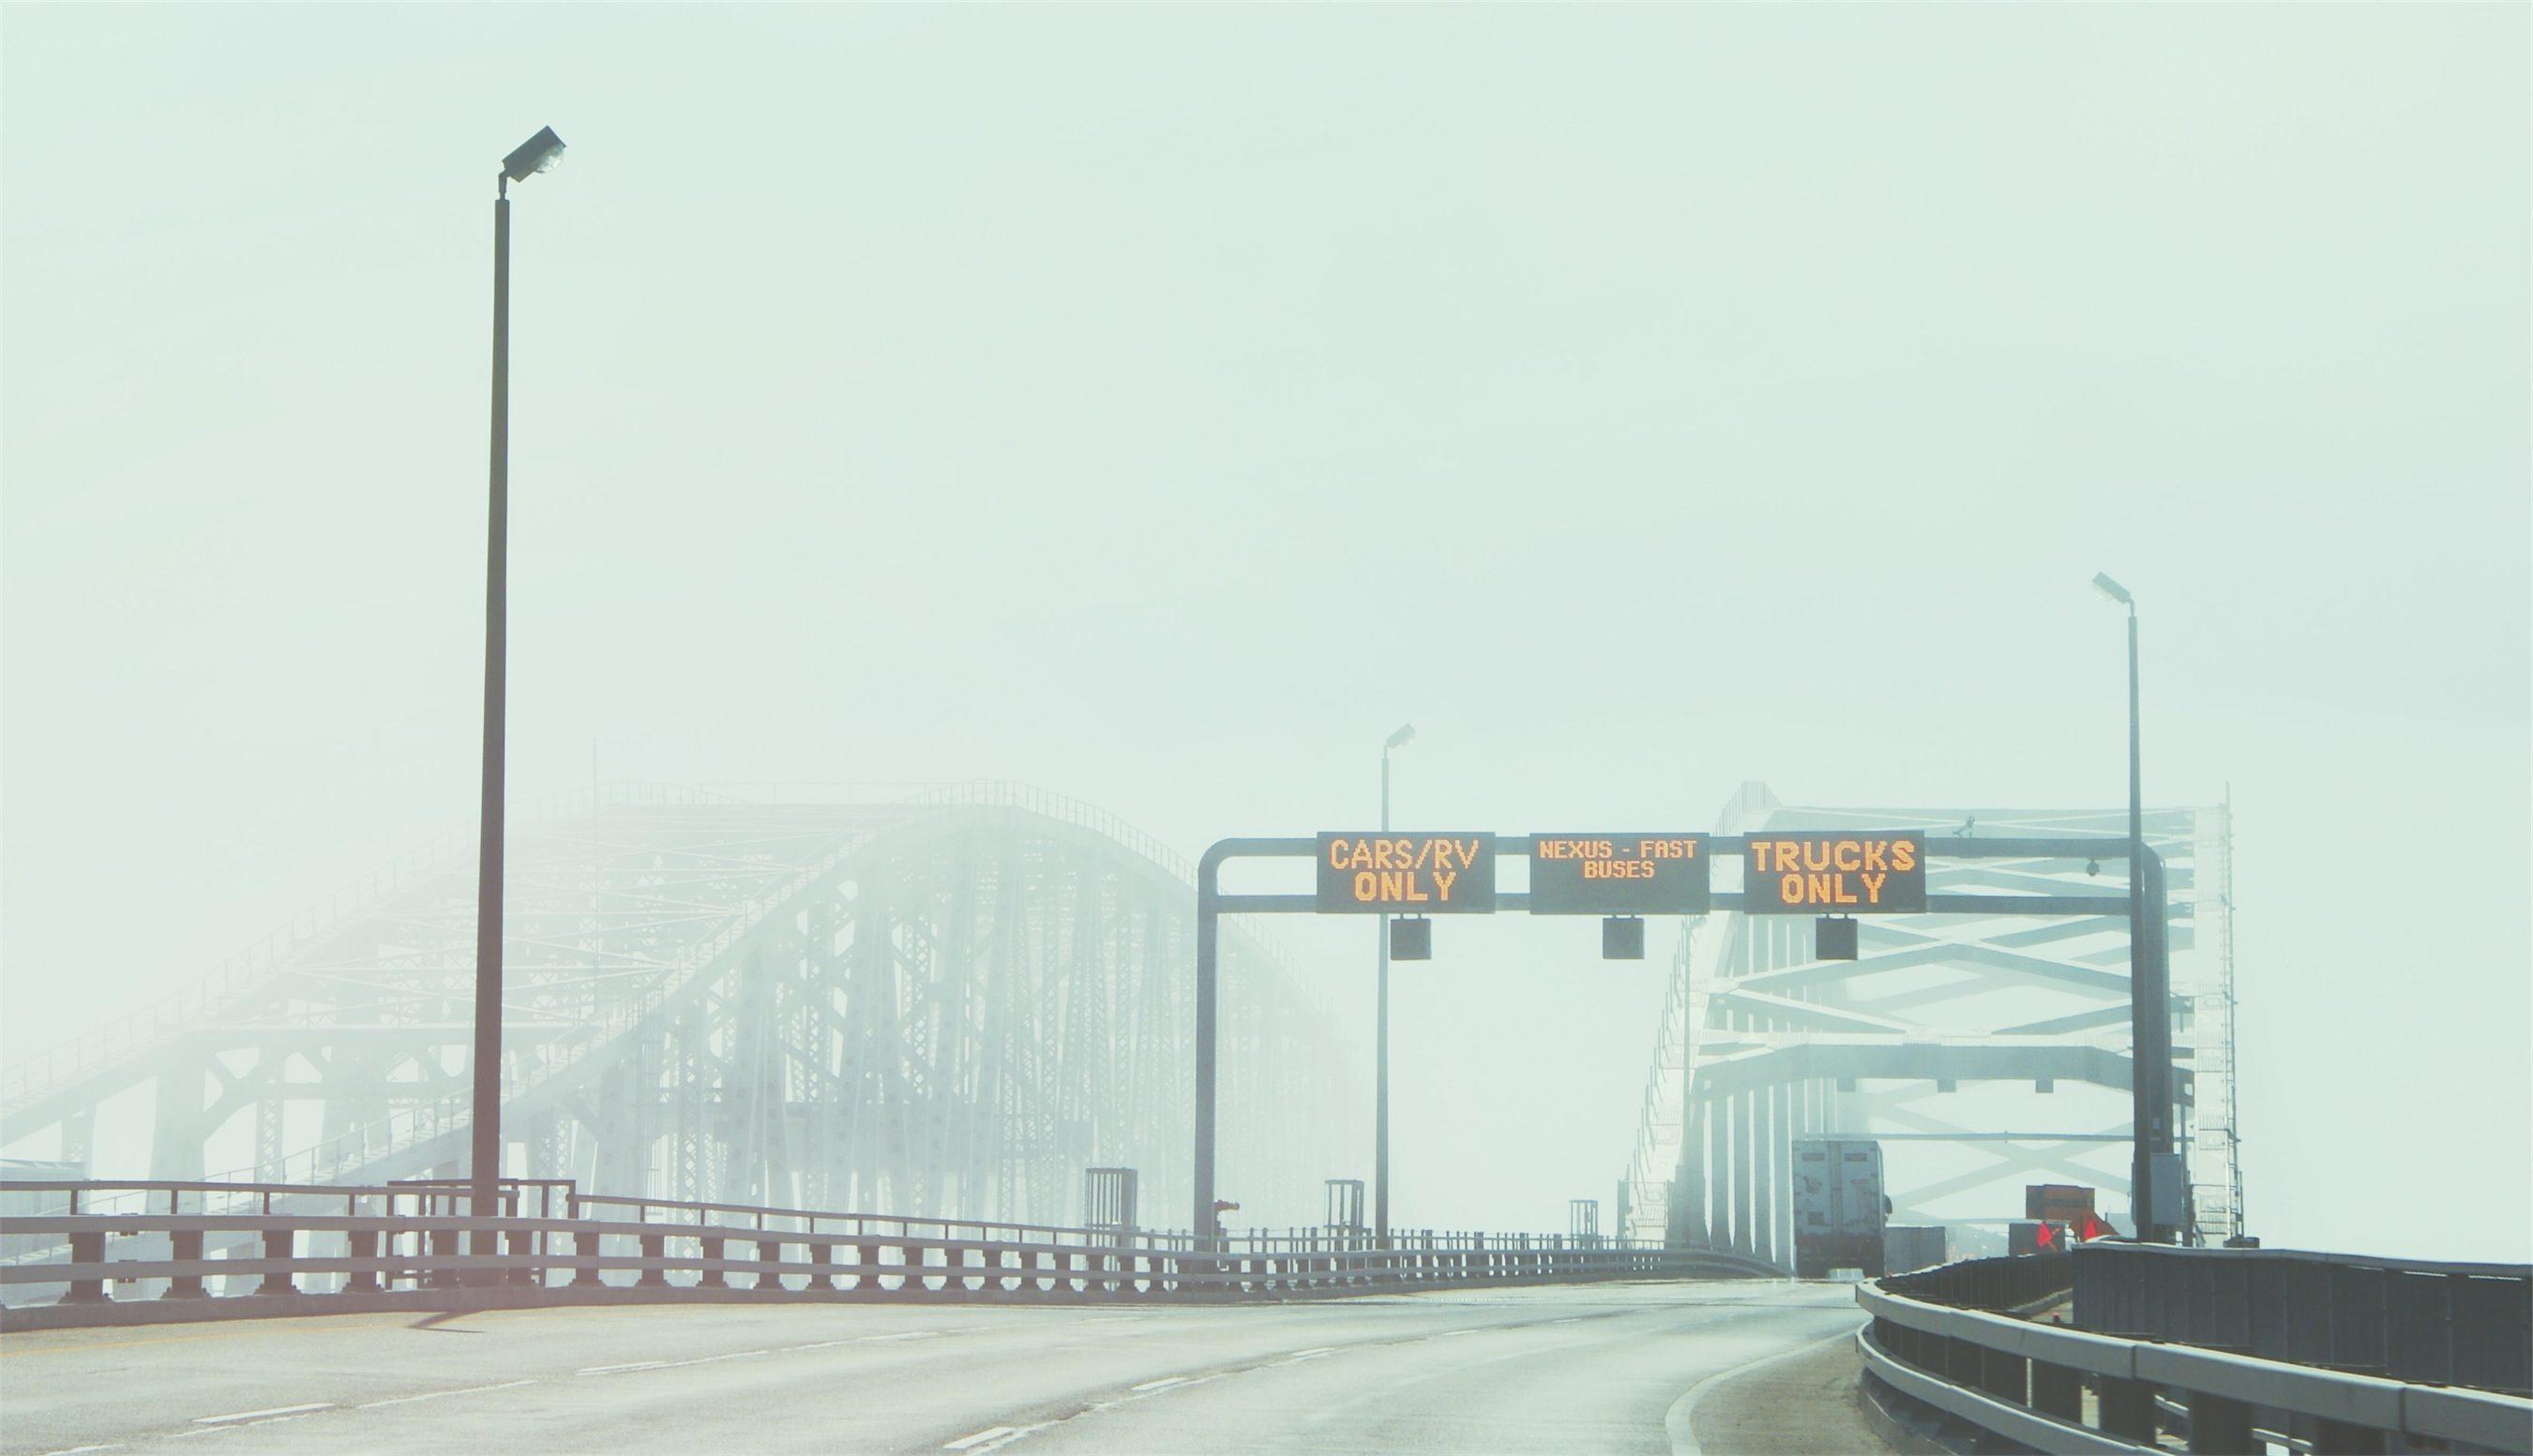 ブリッジ, 信号, 霧, 道路, ライト - HD の壁紙 - 教授-falken.com